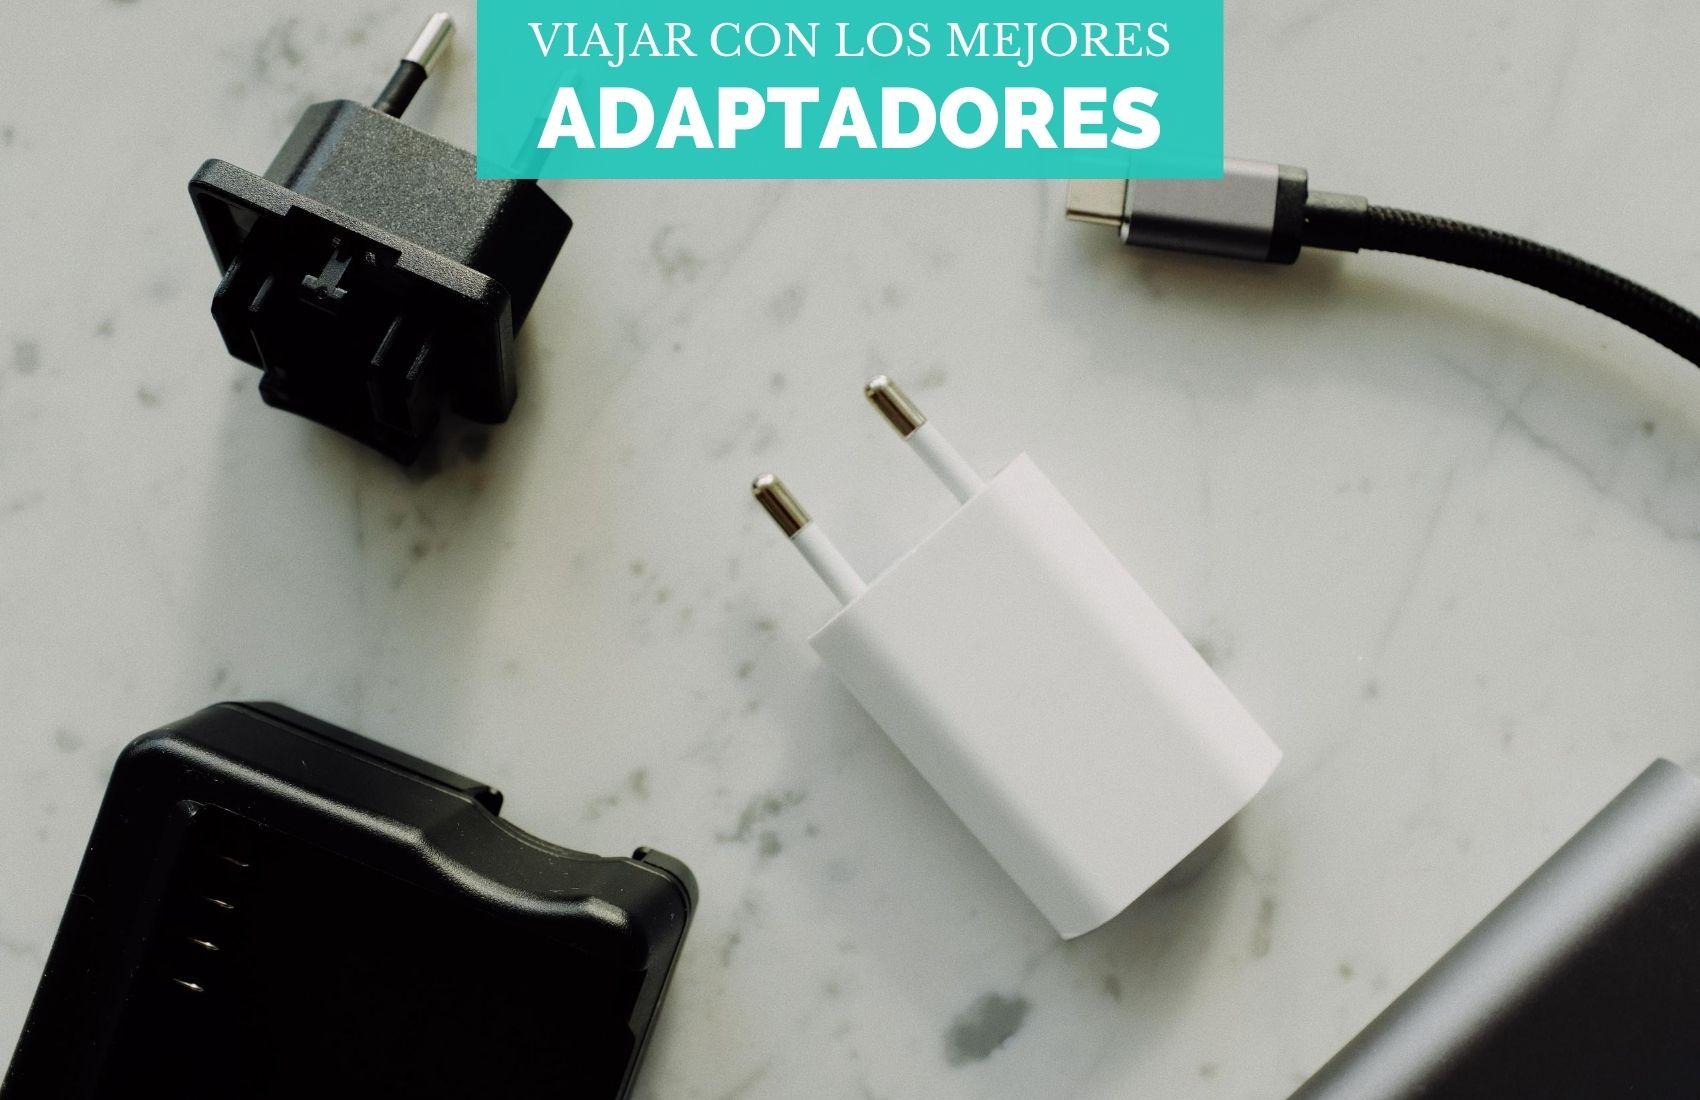 Portada-mejores-adaptadores-universales-viaje